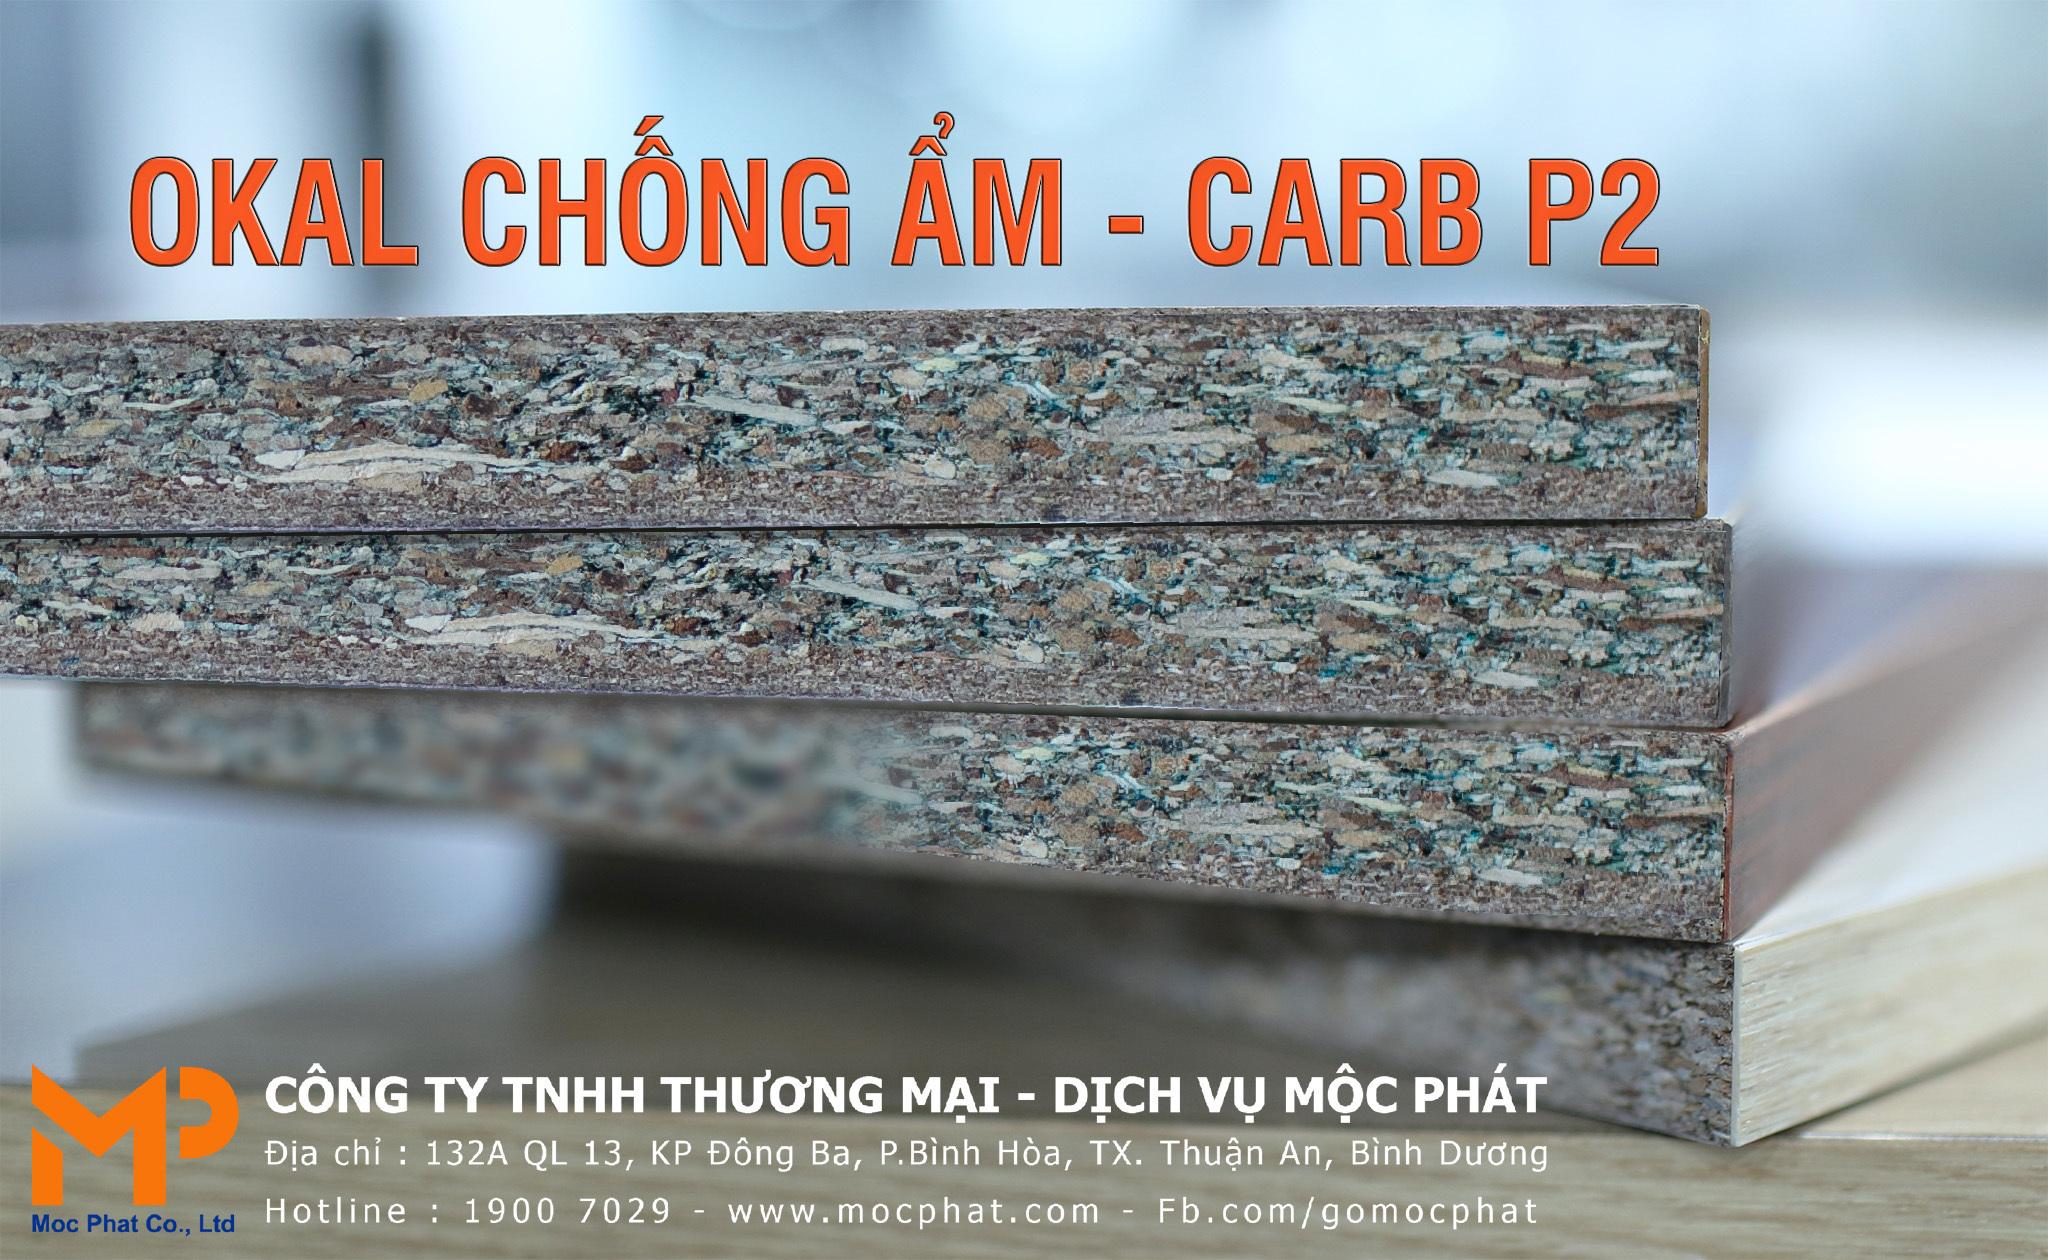 Ván dăm (Okal) chống ẩm Mộc Phát hướng đến tiêu chuẩn CARB P2